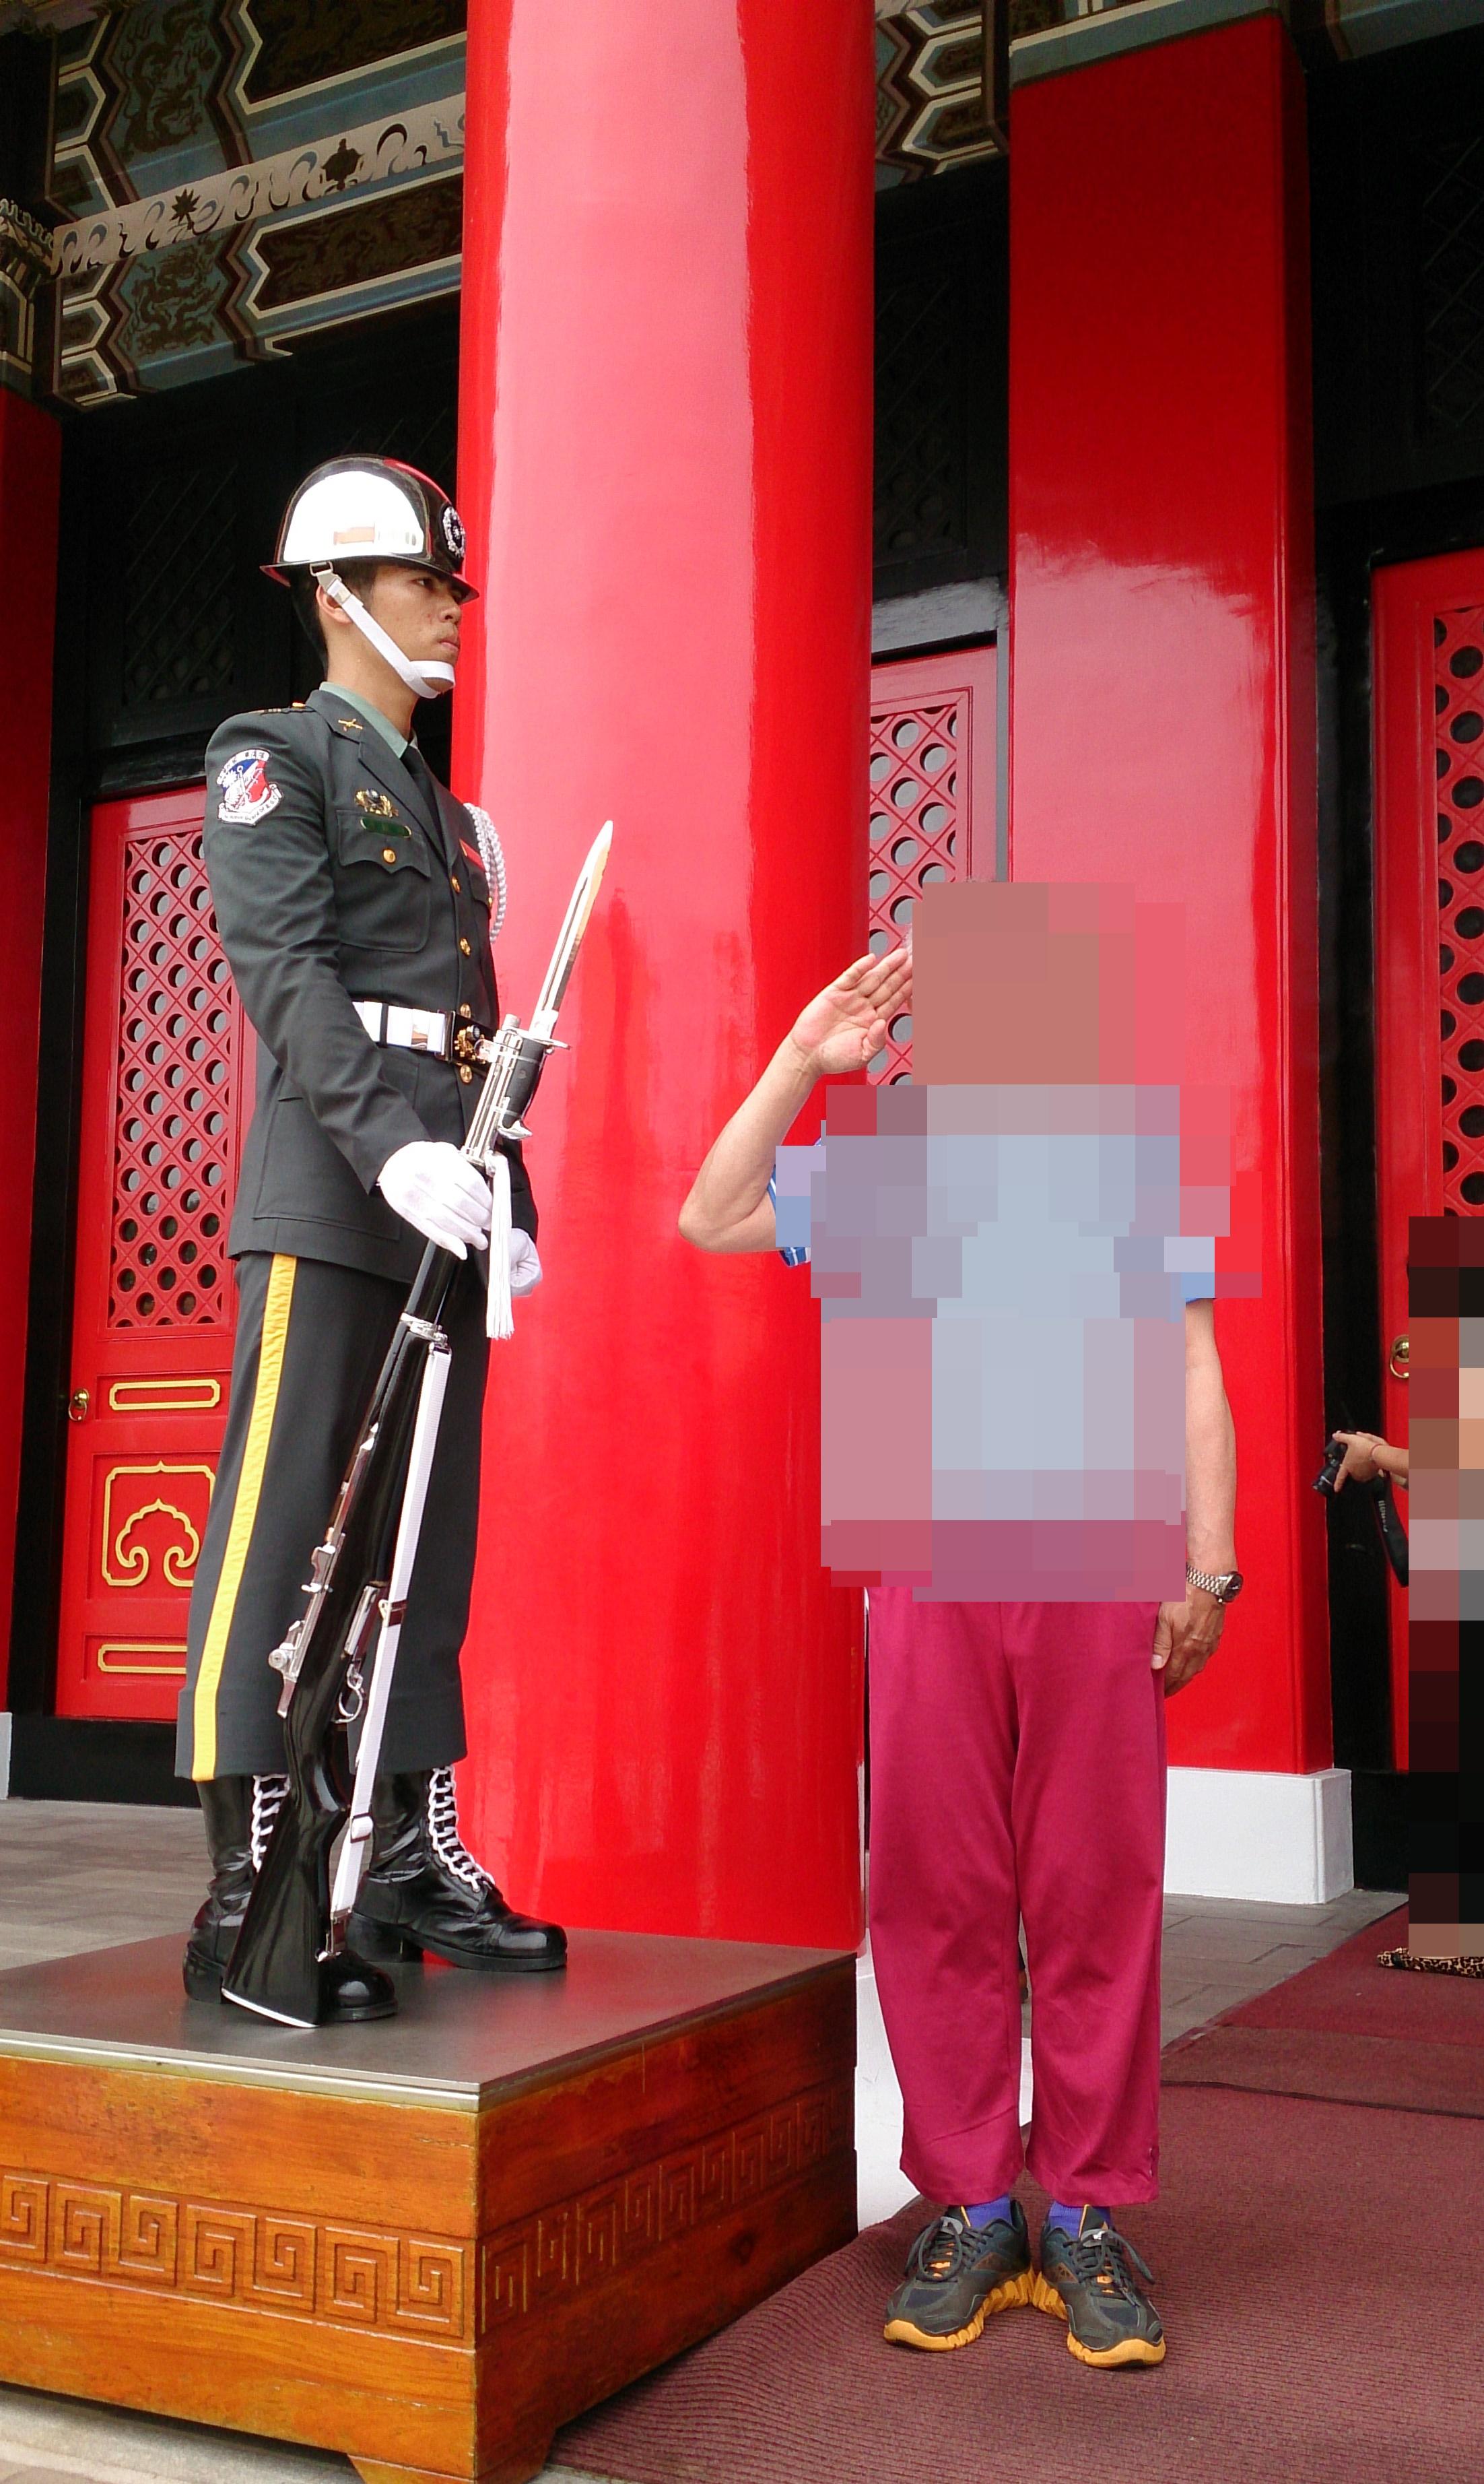 台北の忠烈祠では衛兵が微動だにせず警護している